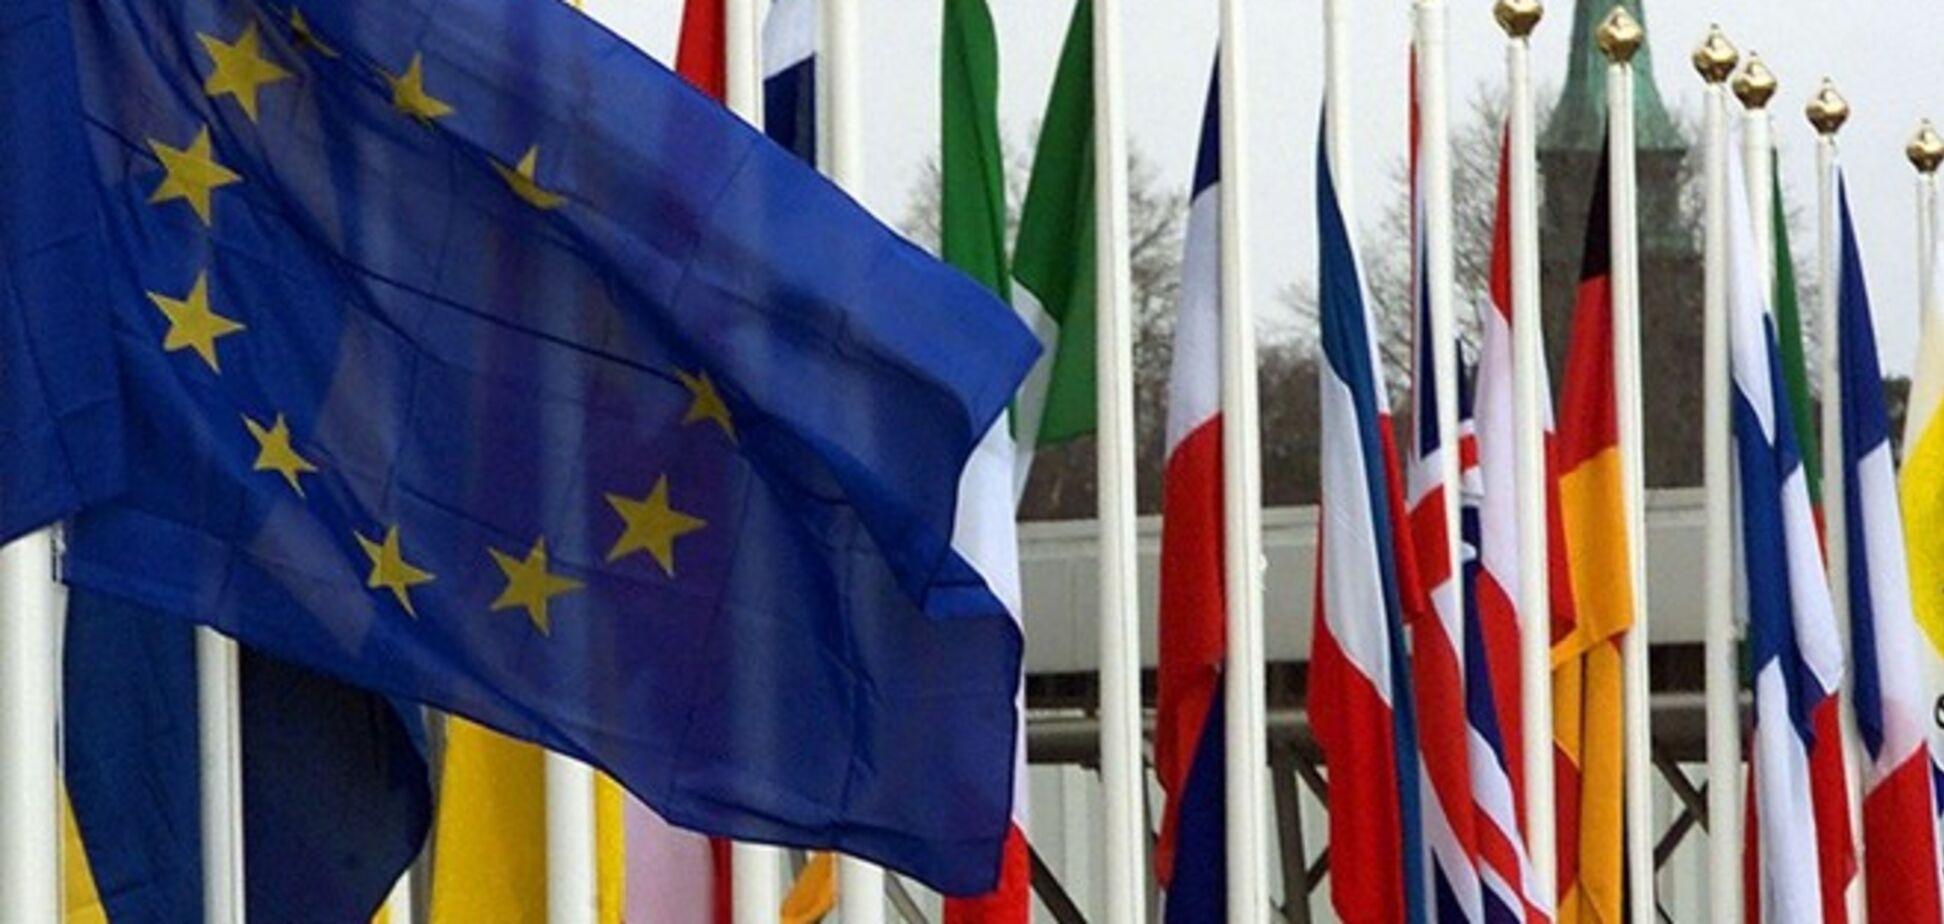 Все решения саммита ЕС по Украине: осуждение, будущие санкции и обещания помочь